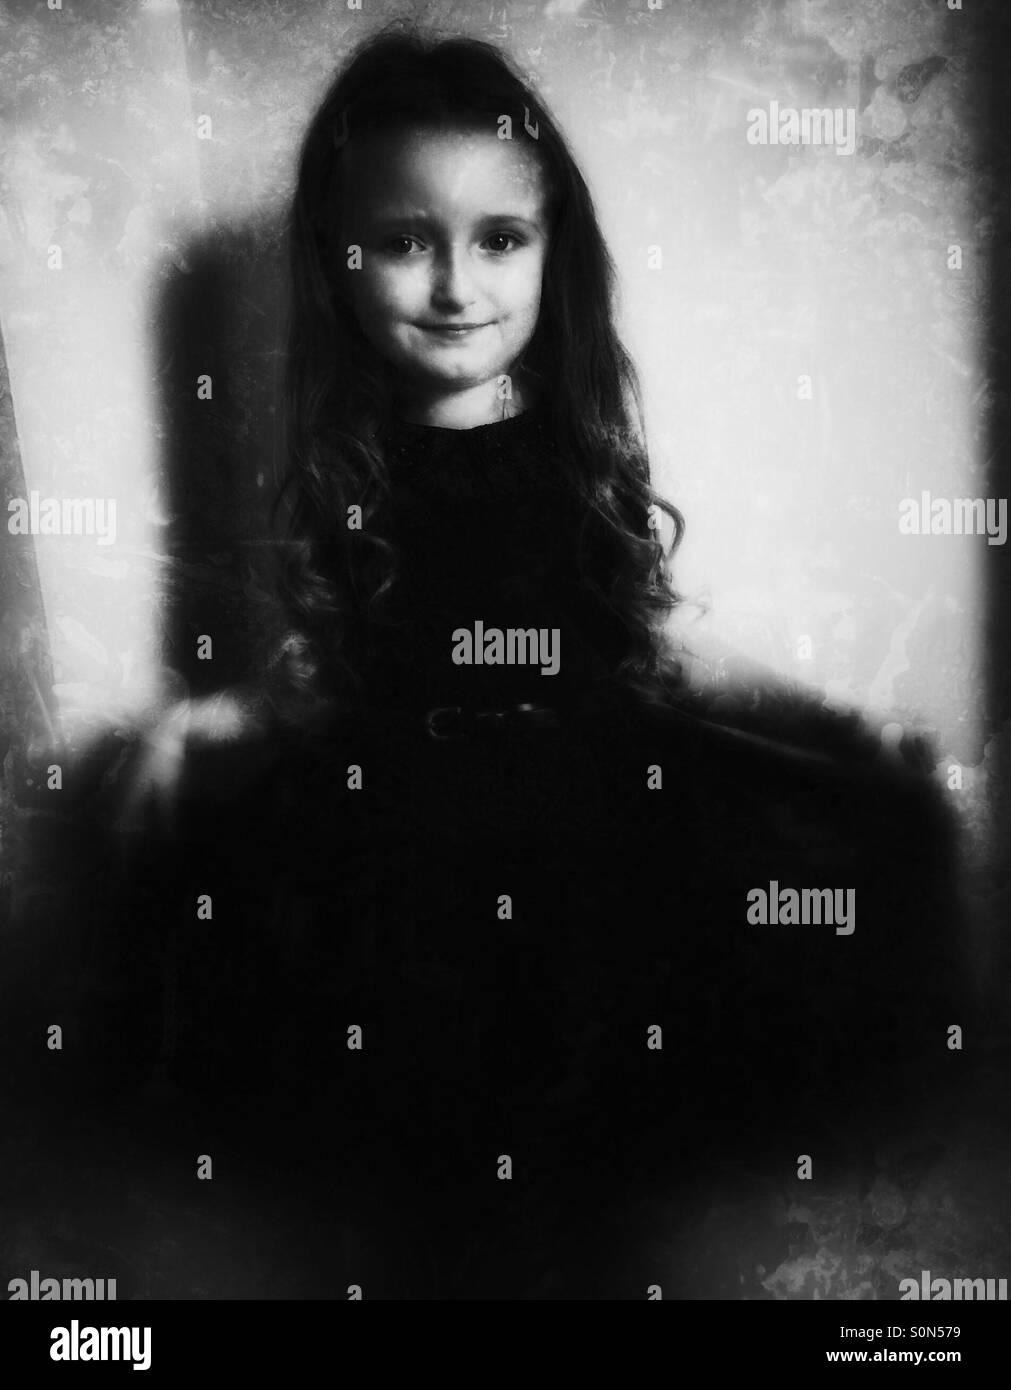 Hübsches kleines Mädchen tragen ein Partykleid. Schwarz / weiß ...